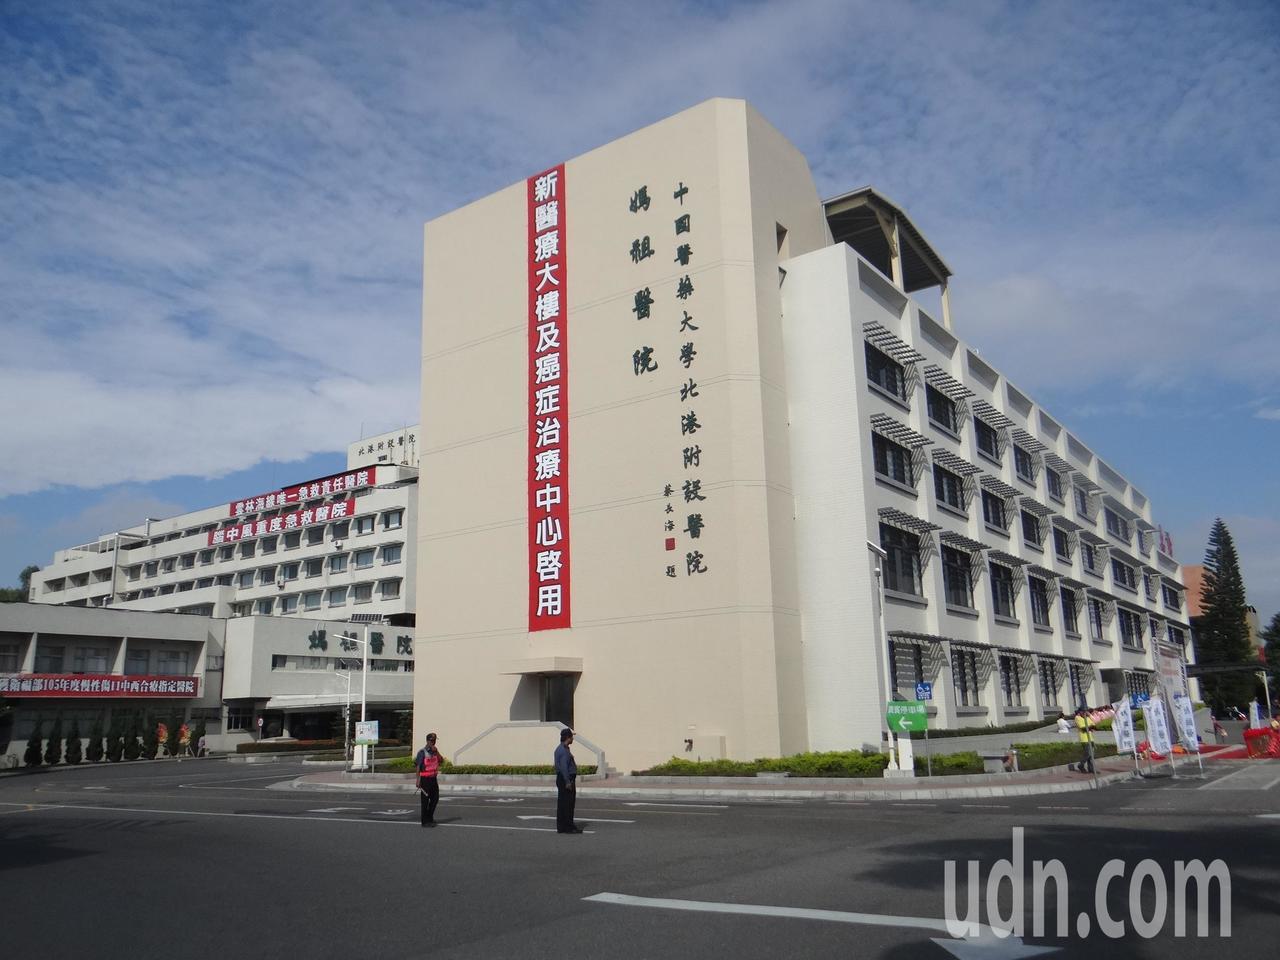 北港中醫大附設醫院(媽祖醫院)32年院慶,投資4億元的第2醫療大樓及癌症中心同步...